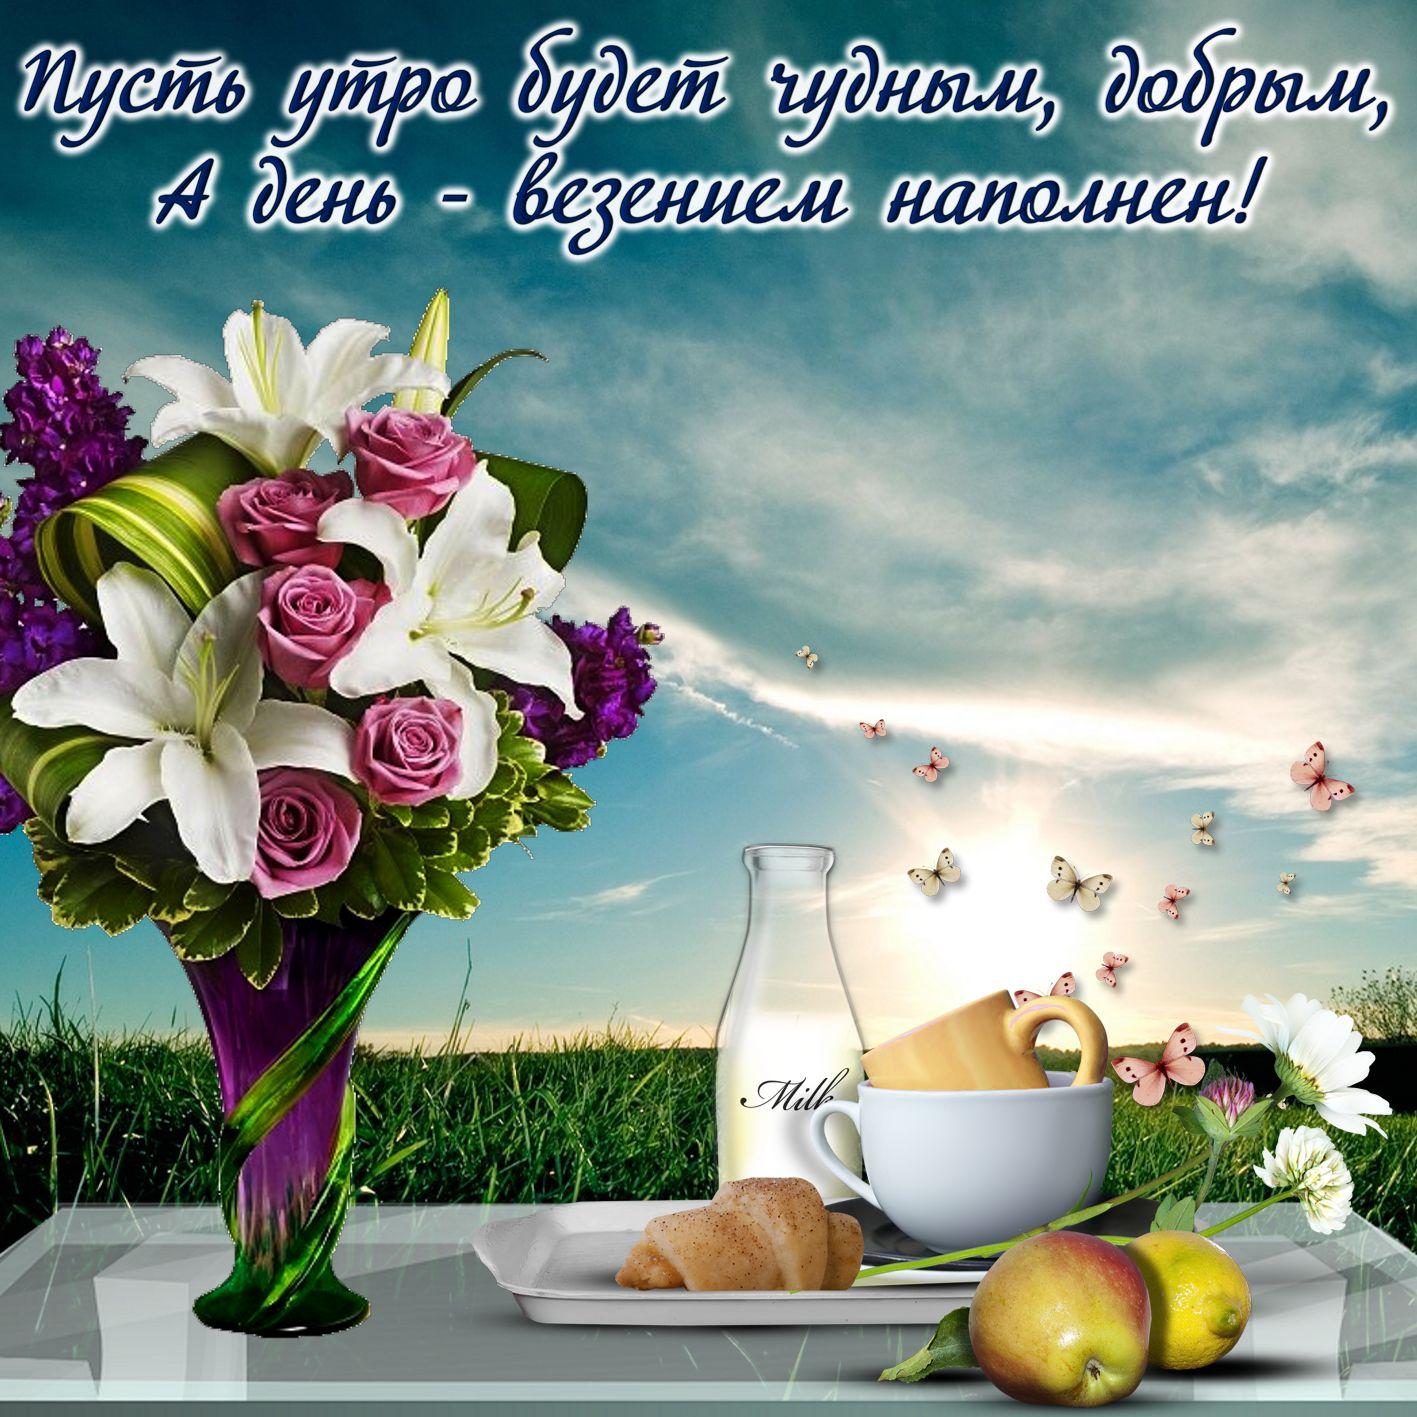 Картинки доброе утро и день с цветами, наступающей днюхой